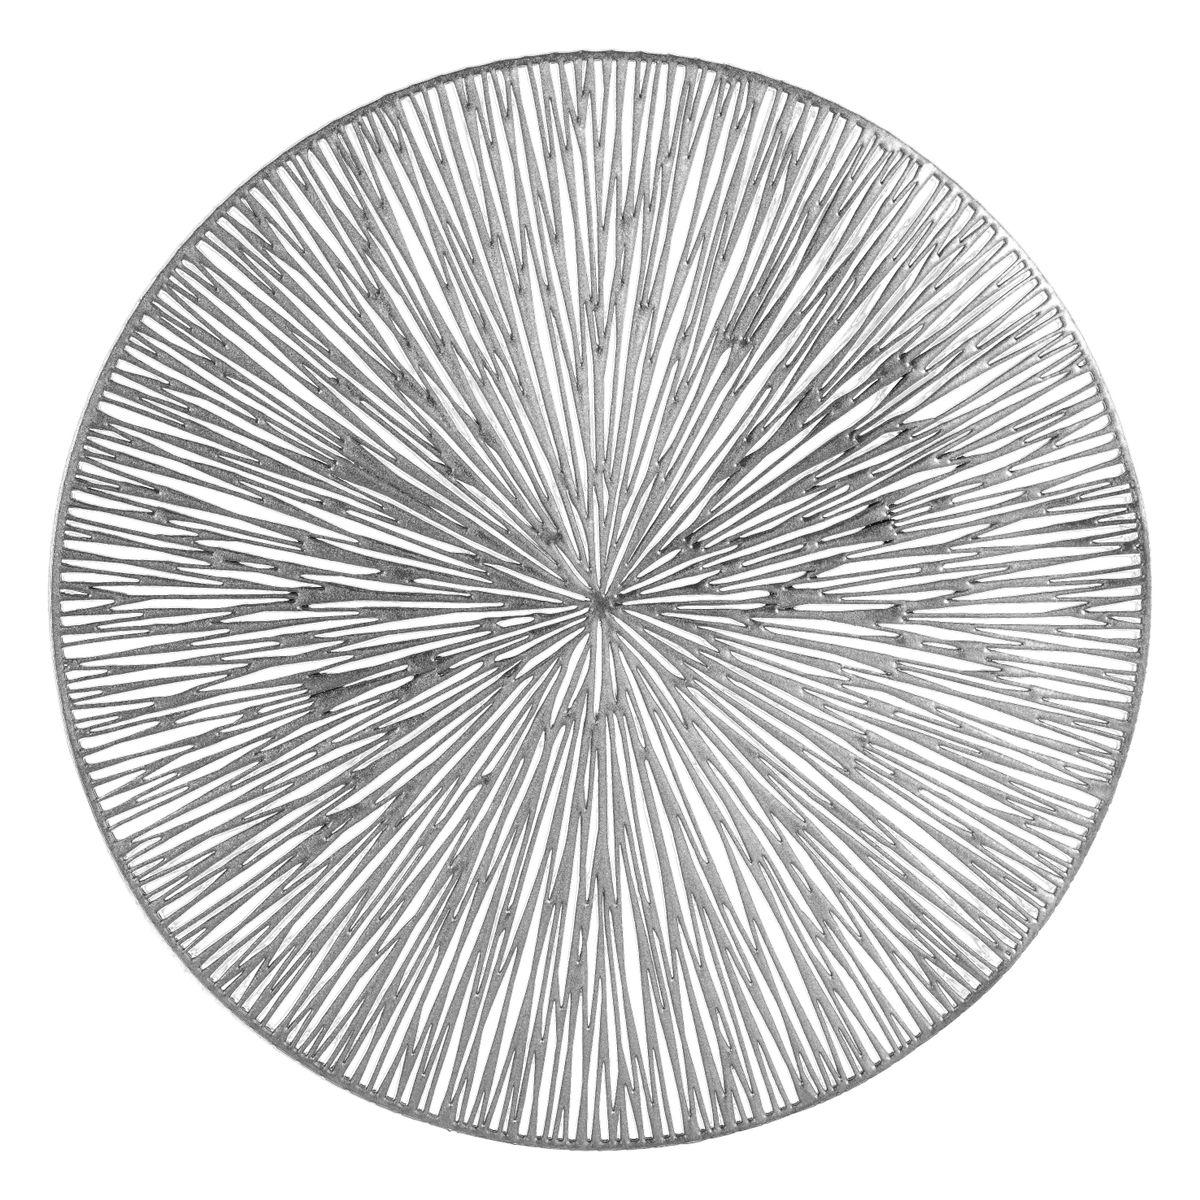 Prostírání MODERNO stříbrná Ø 38 cm Mybesthome